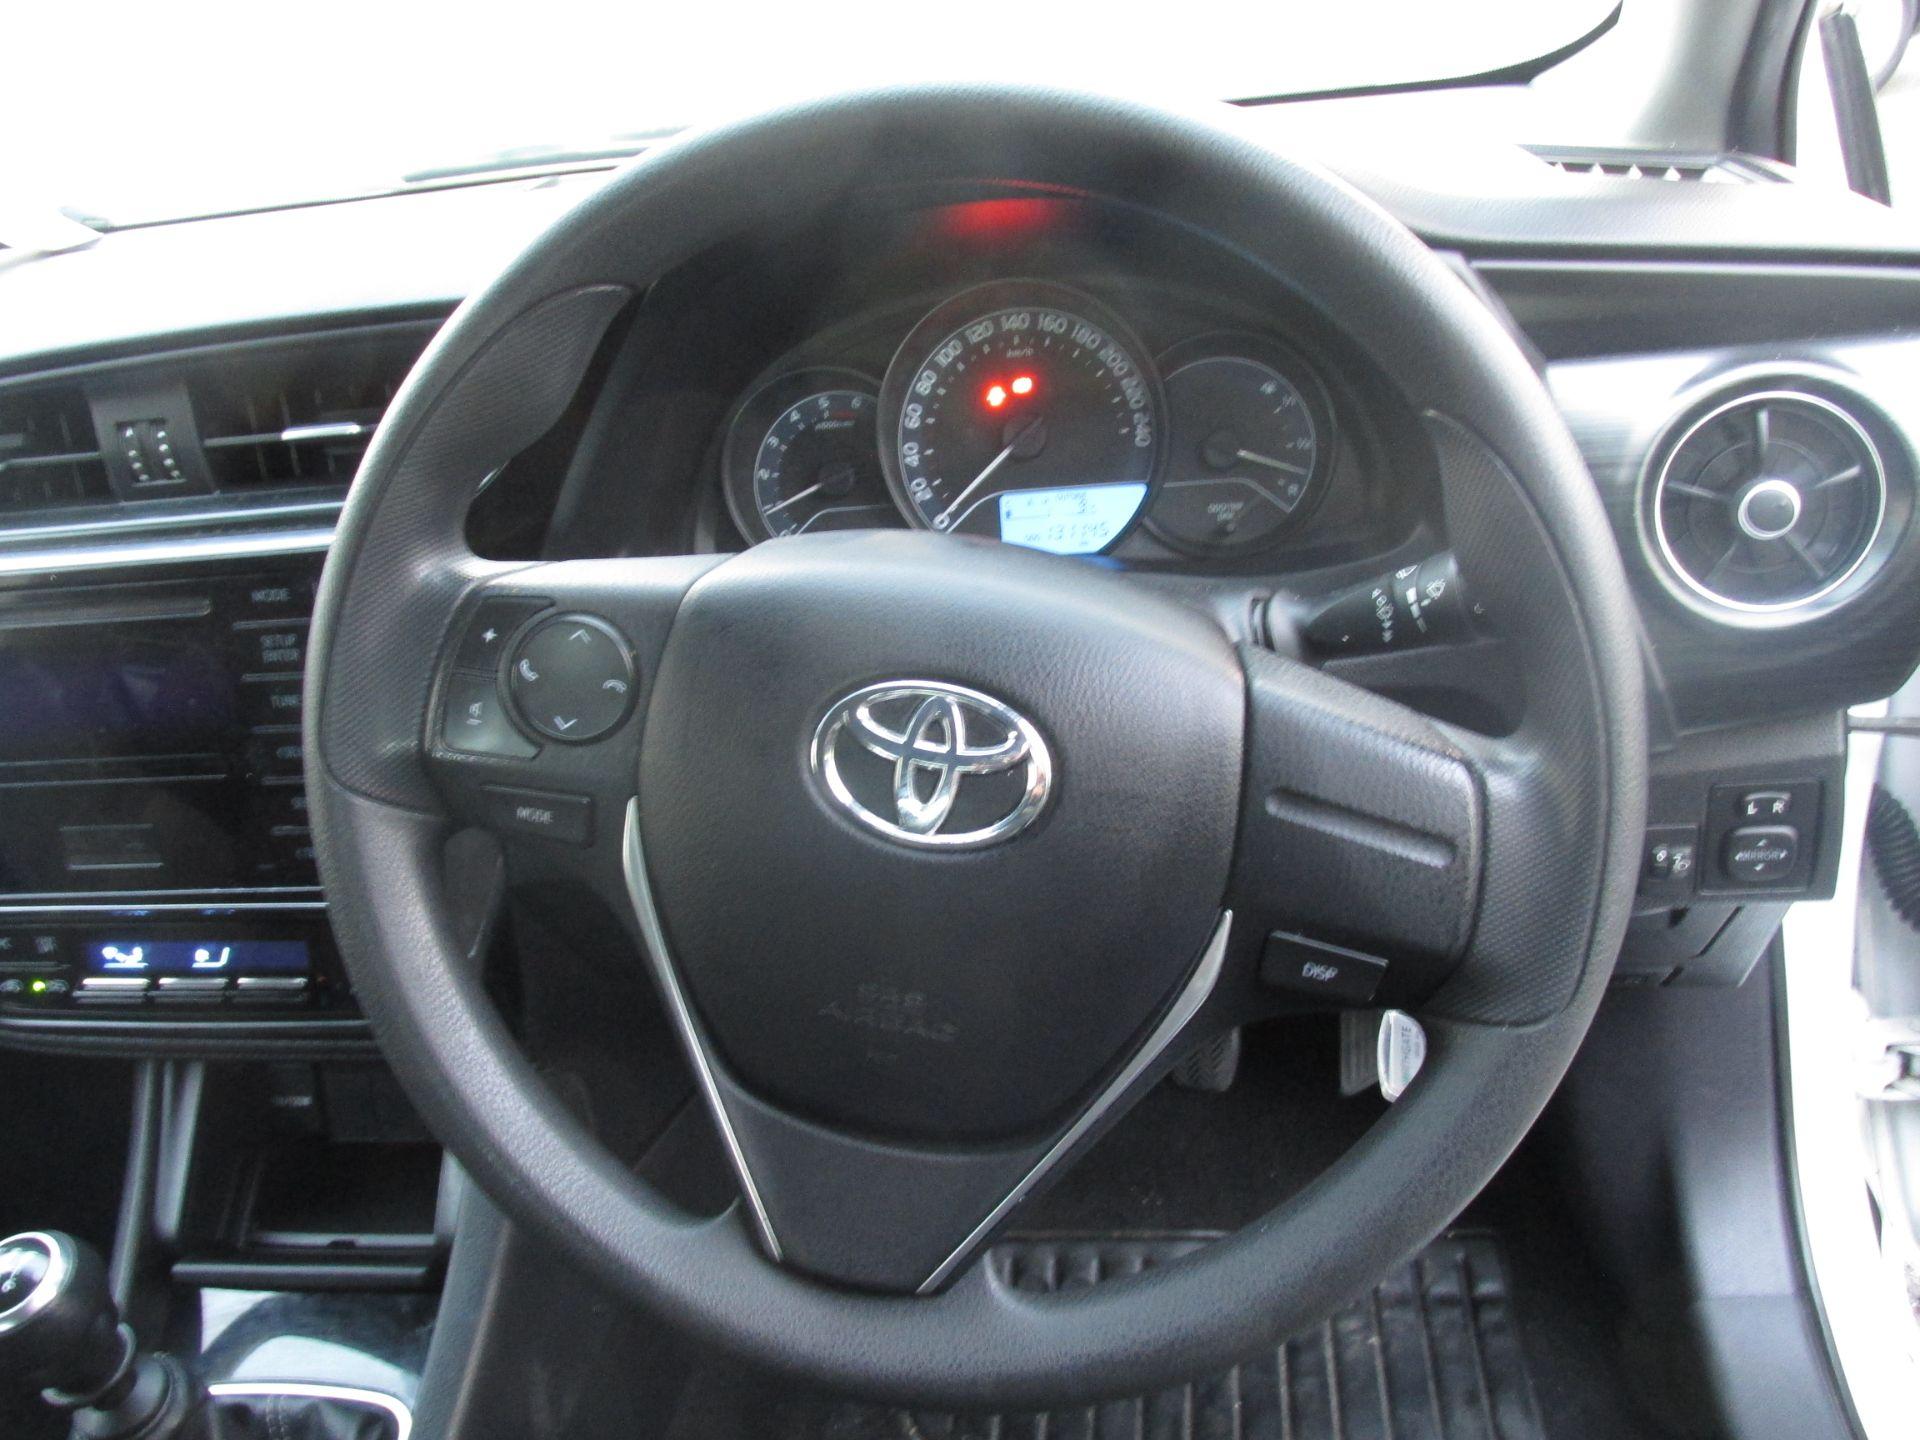 2016 Toyota Auris 1.4d-4d Terra 4DR (161D4146) Image 12